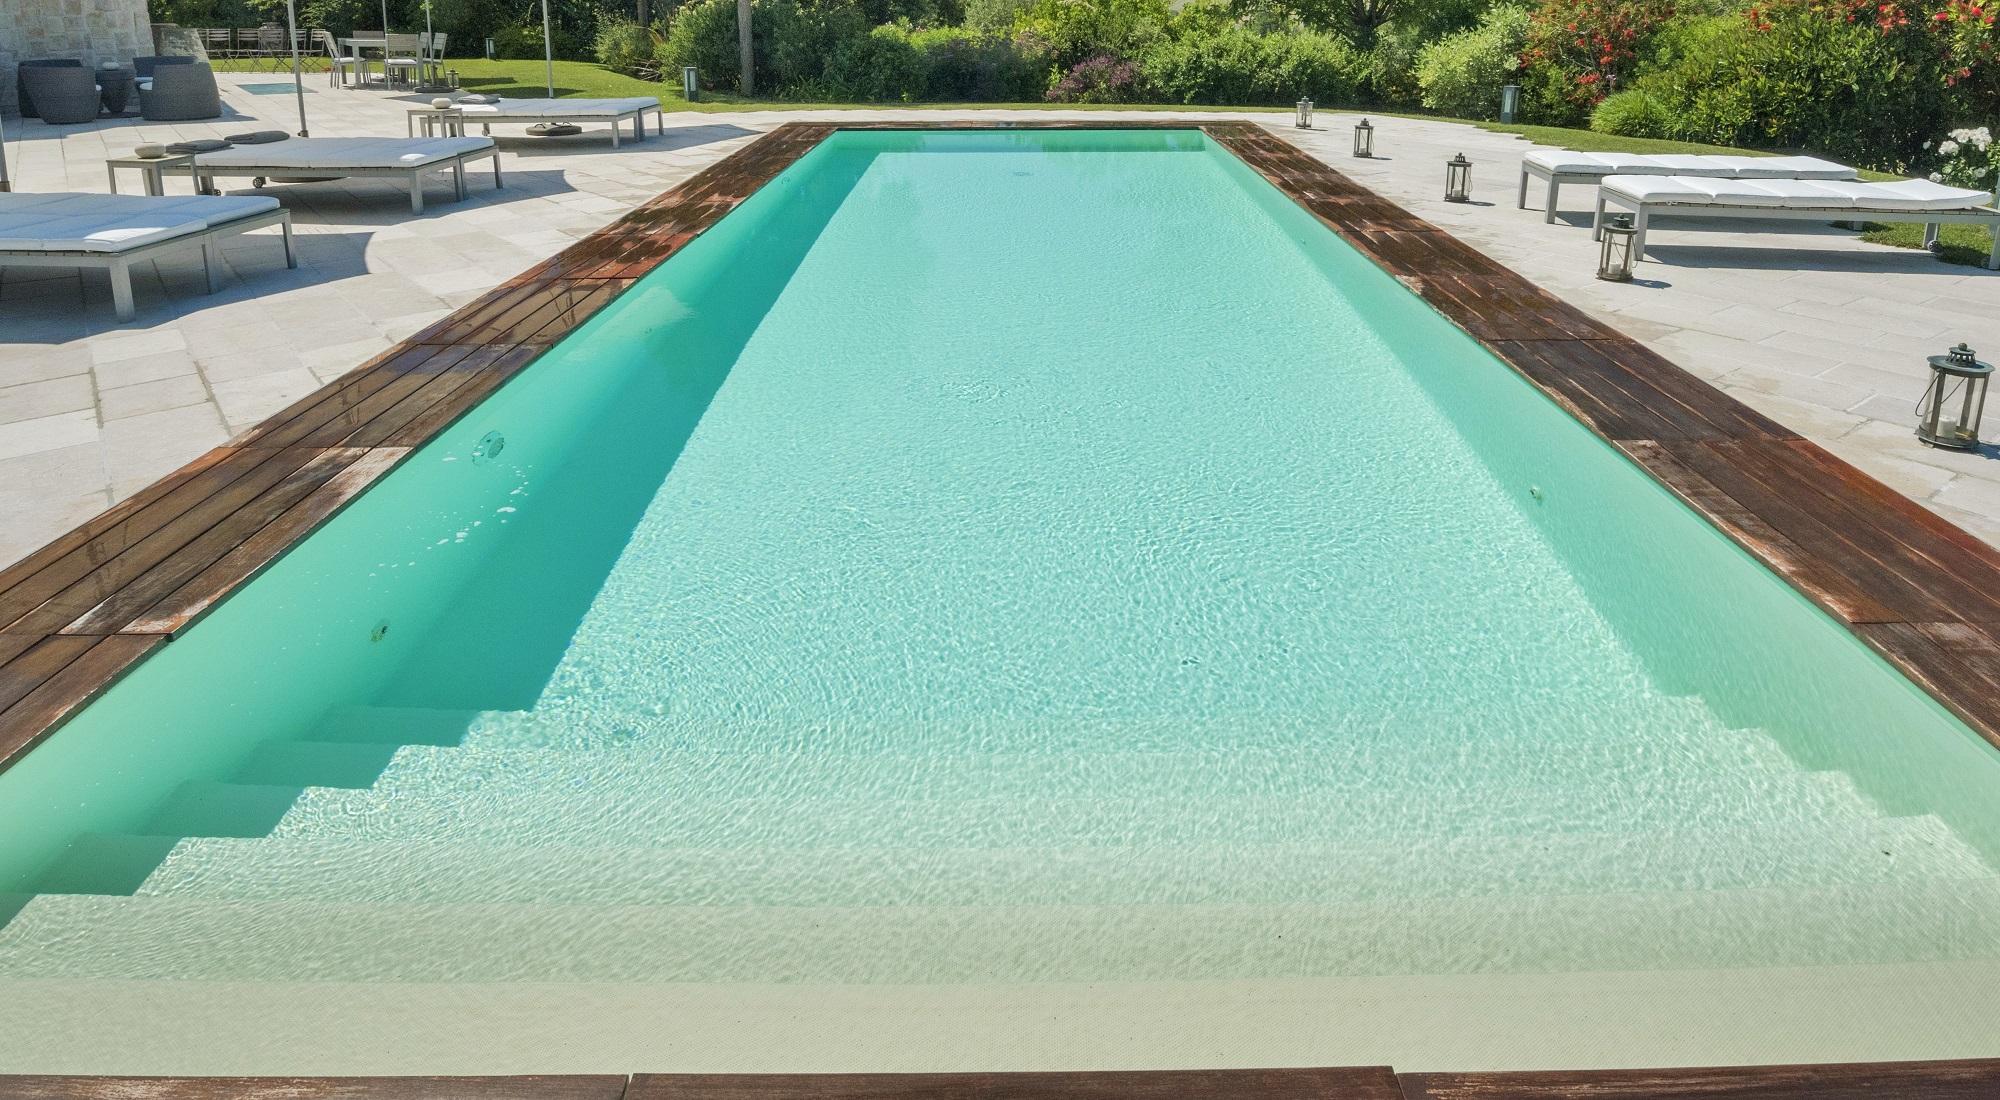 Acqua Azzurra Piscine rivestimento piscina in pvc: tipologie e colori